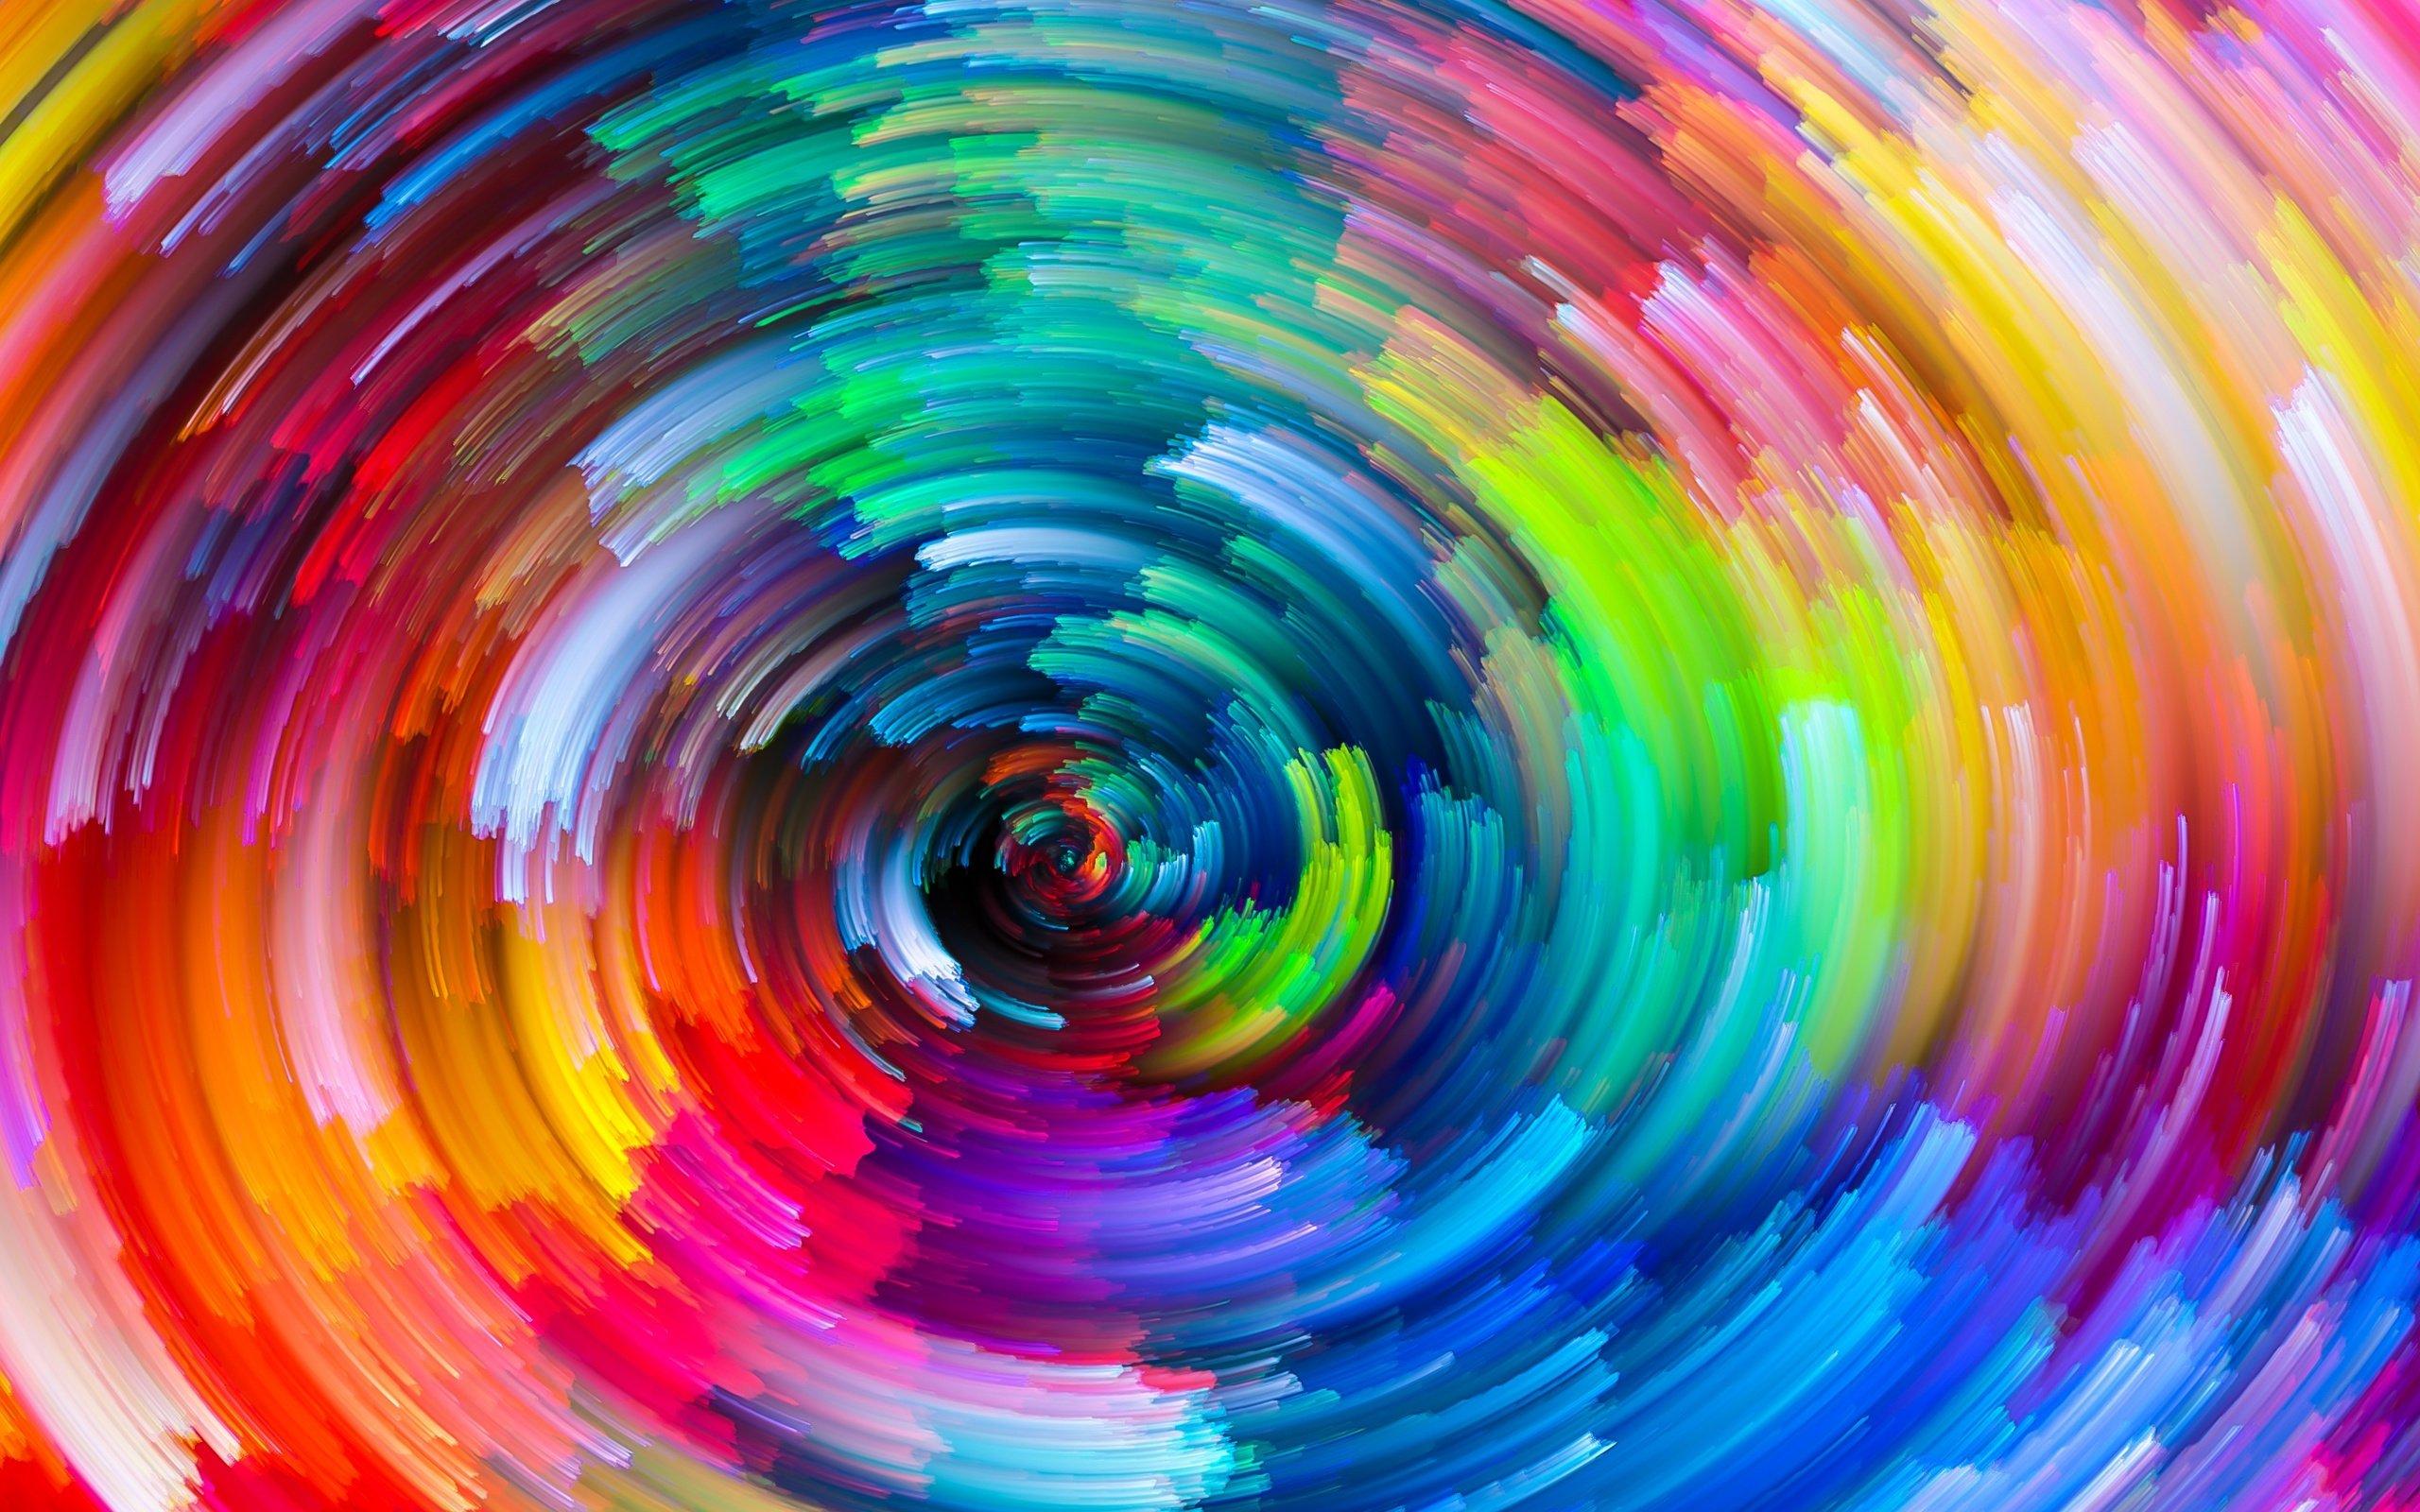 Людмилы, картинки разных цветов краски